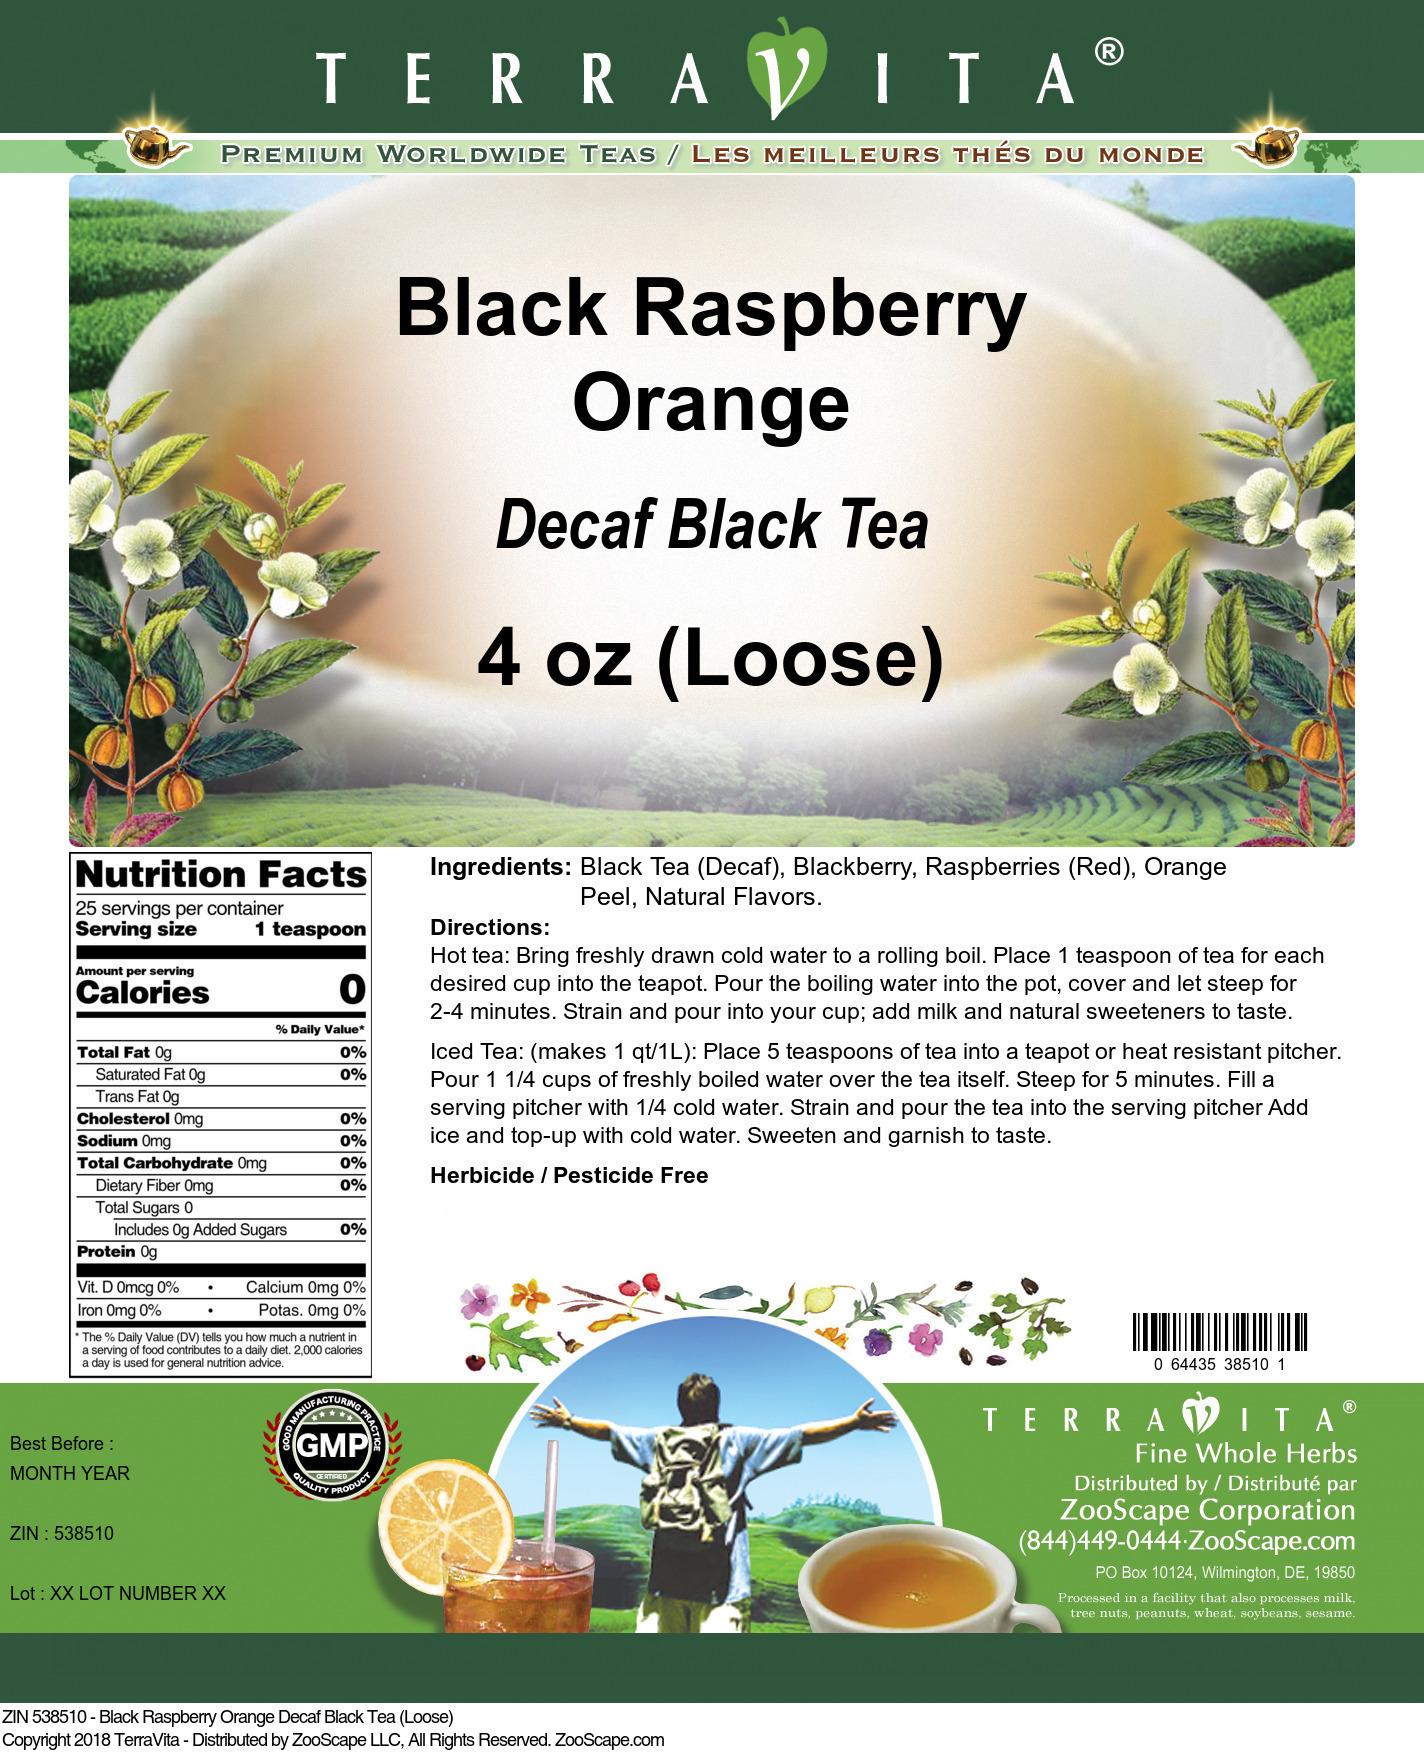 Black Raspberry Orange Decaf Black Tea (Loose)